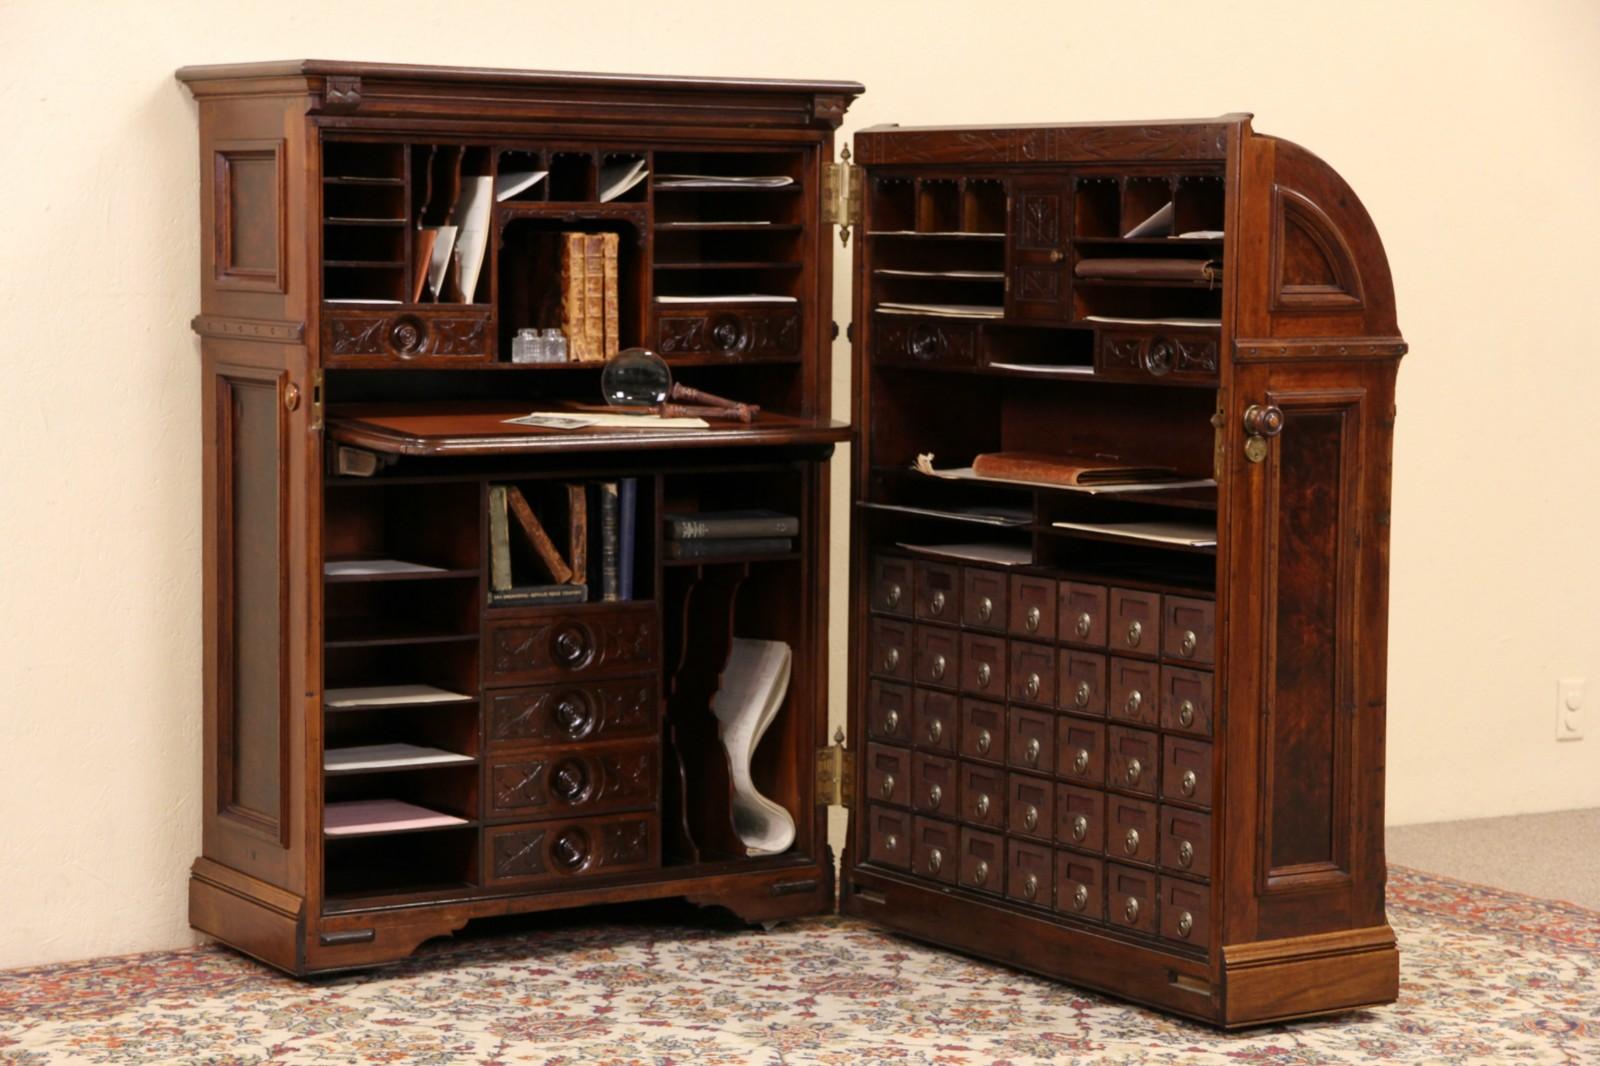 Sold Moore Victorian Antique Quot Office Queen Walnut Cabinet Desk Pat 1882 Harp Gallery